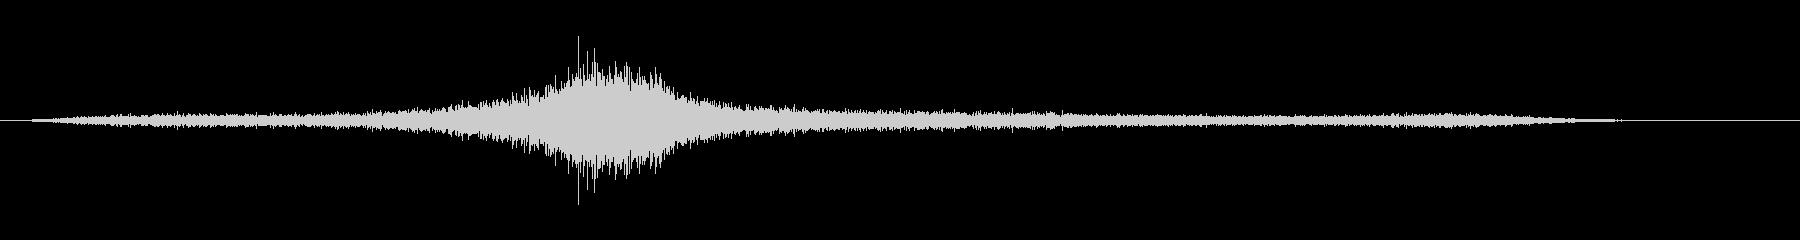 【生録音】 早朝の街 交通 環境音 10の未再生の波形